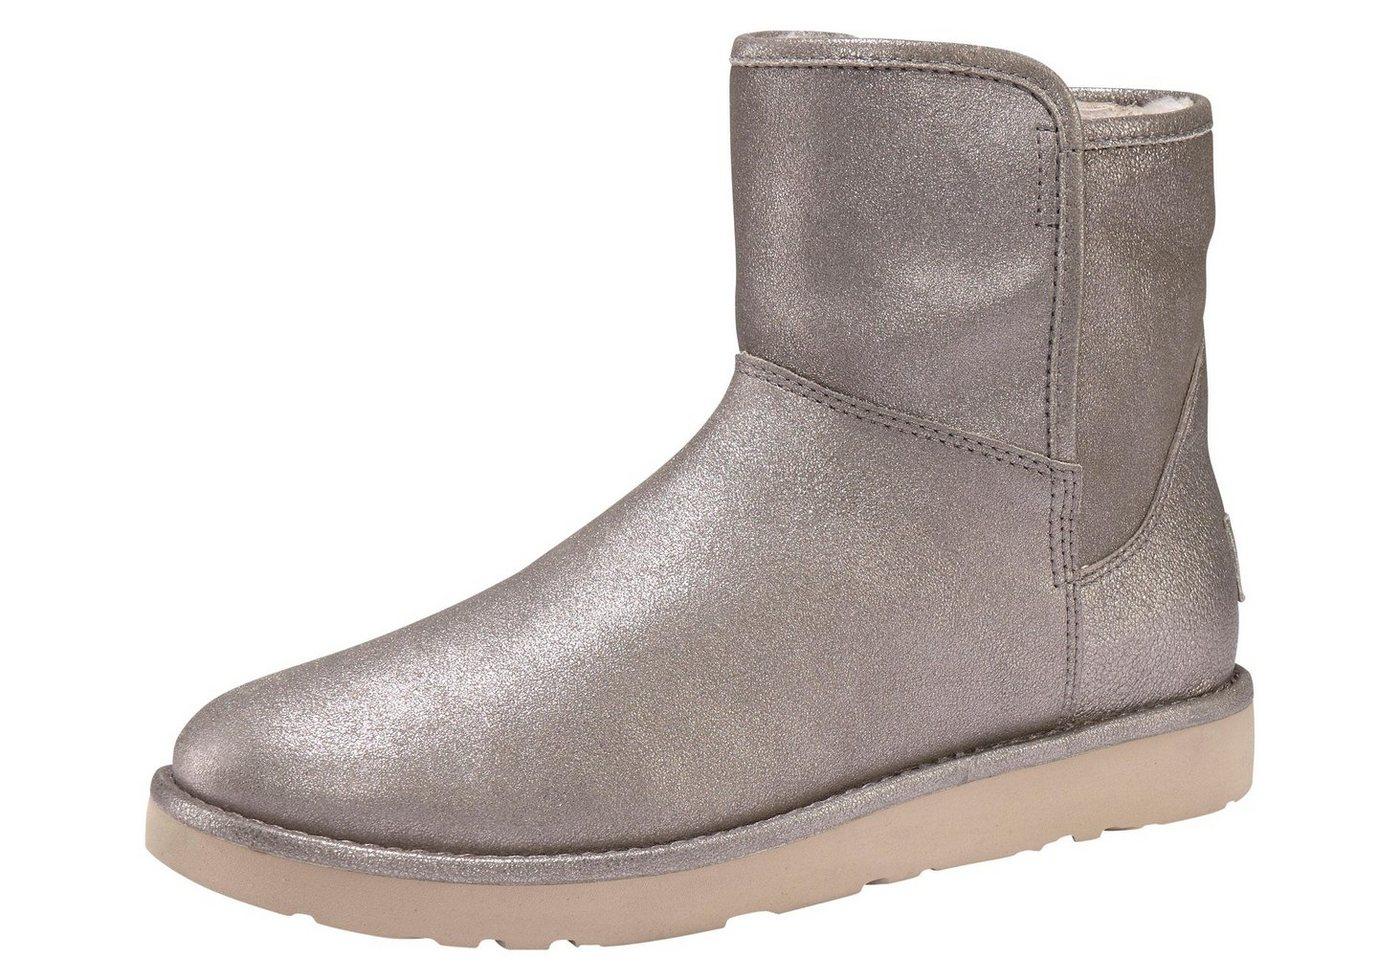 UGG »Abree Mini Glimmer« Winterboots im trendy Metallic Look   Schuhe > Stiefeletten > Winterstiefeletten   Leder - Jeans   UGG